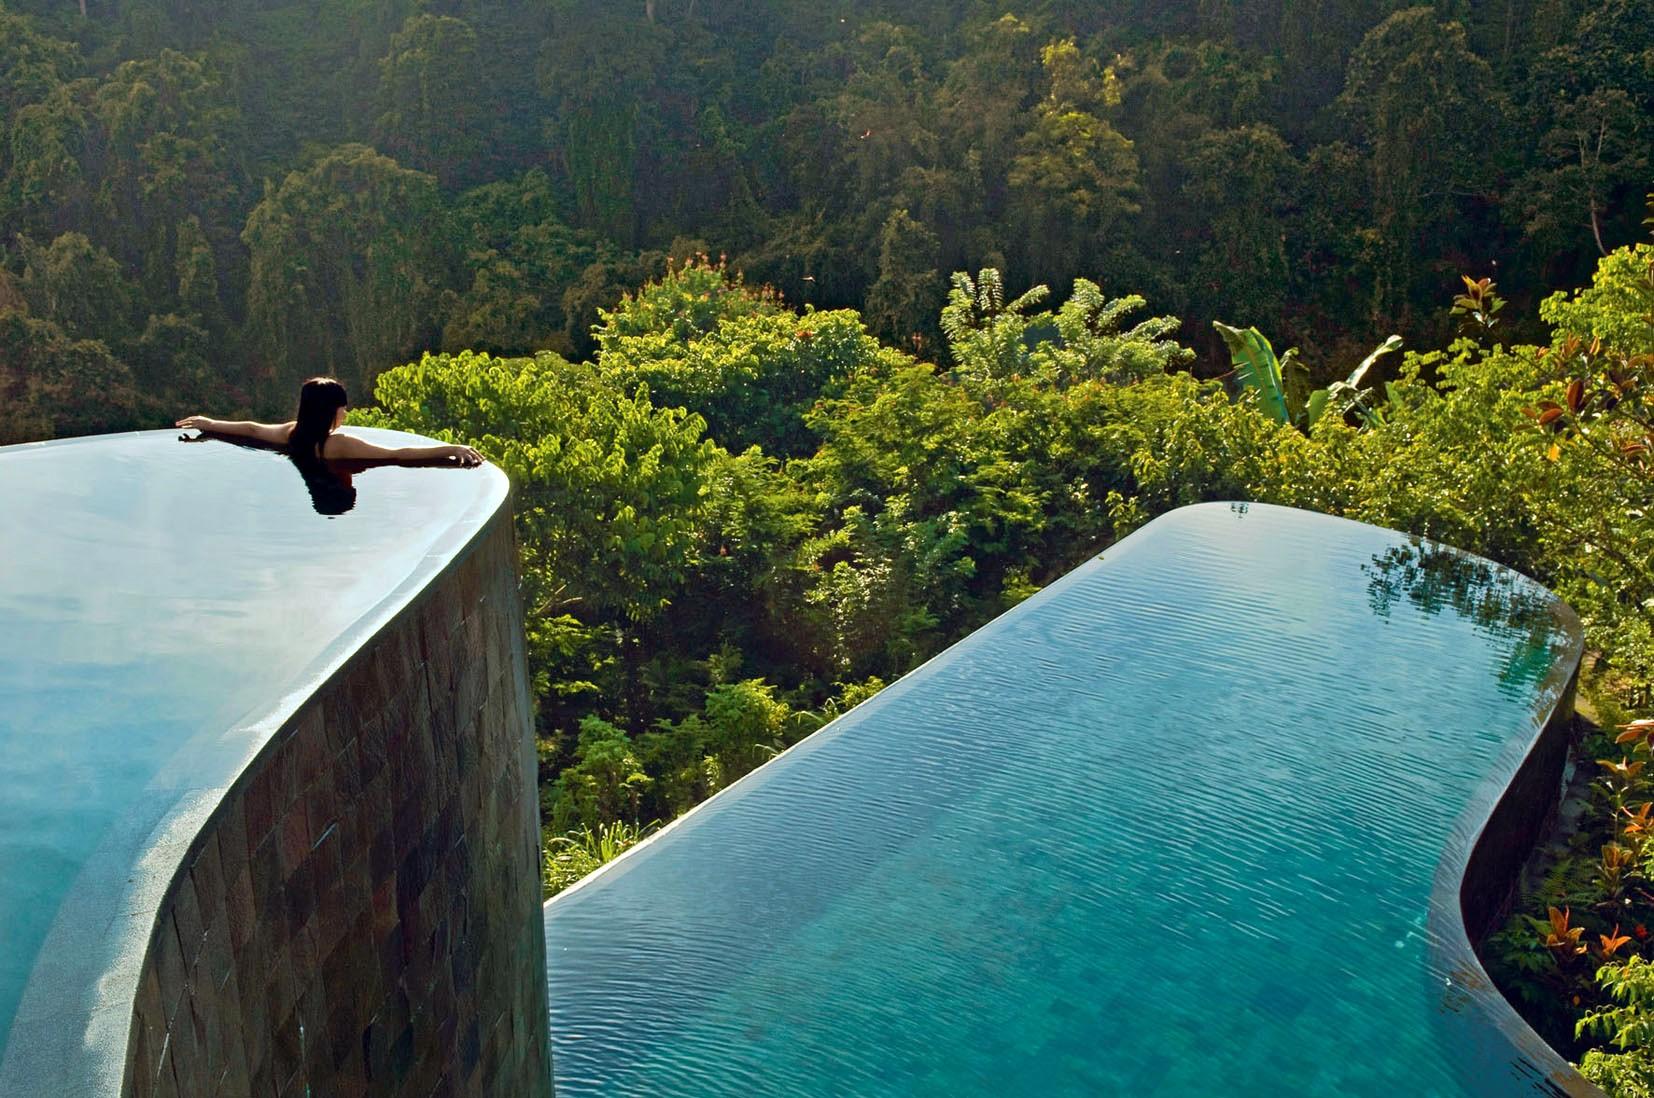 Las piscinas más increíbles del mundo - ¿Te apetece un chapuzón?